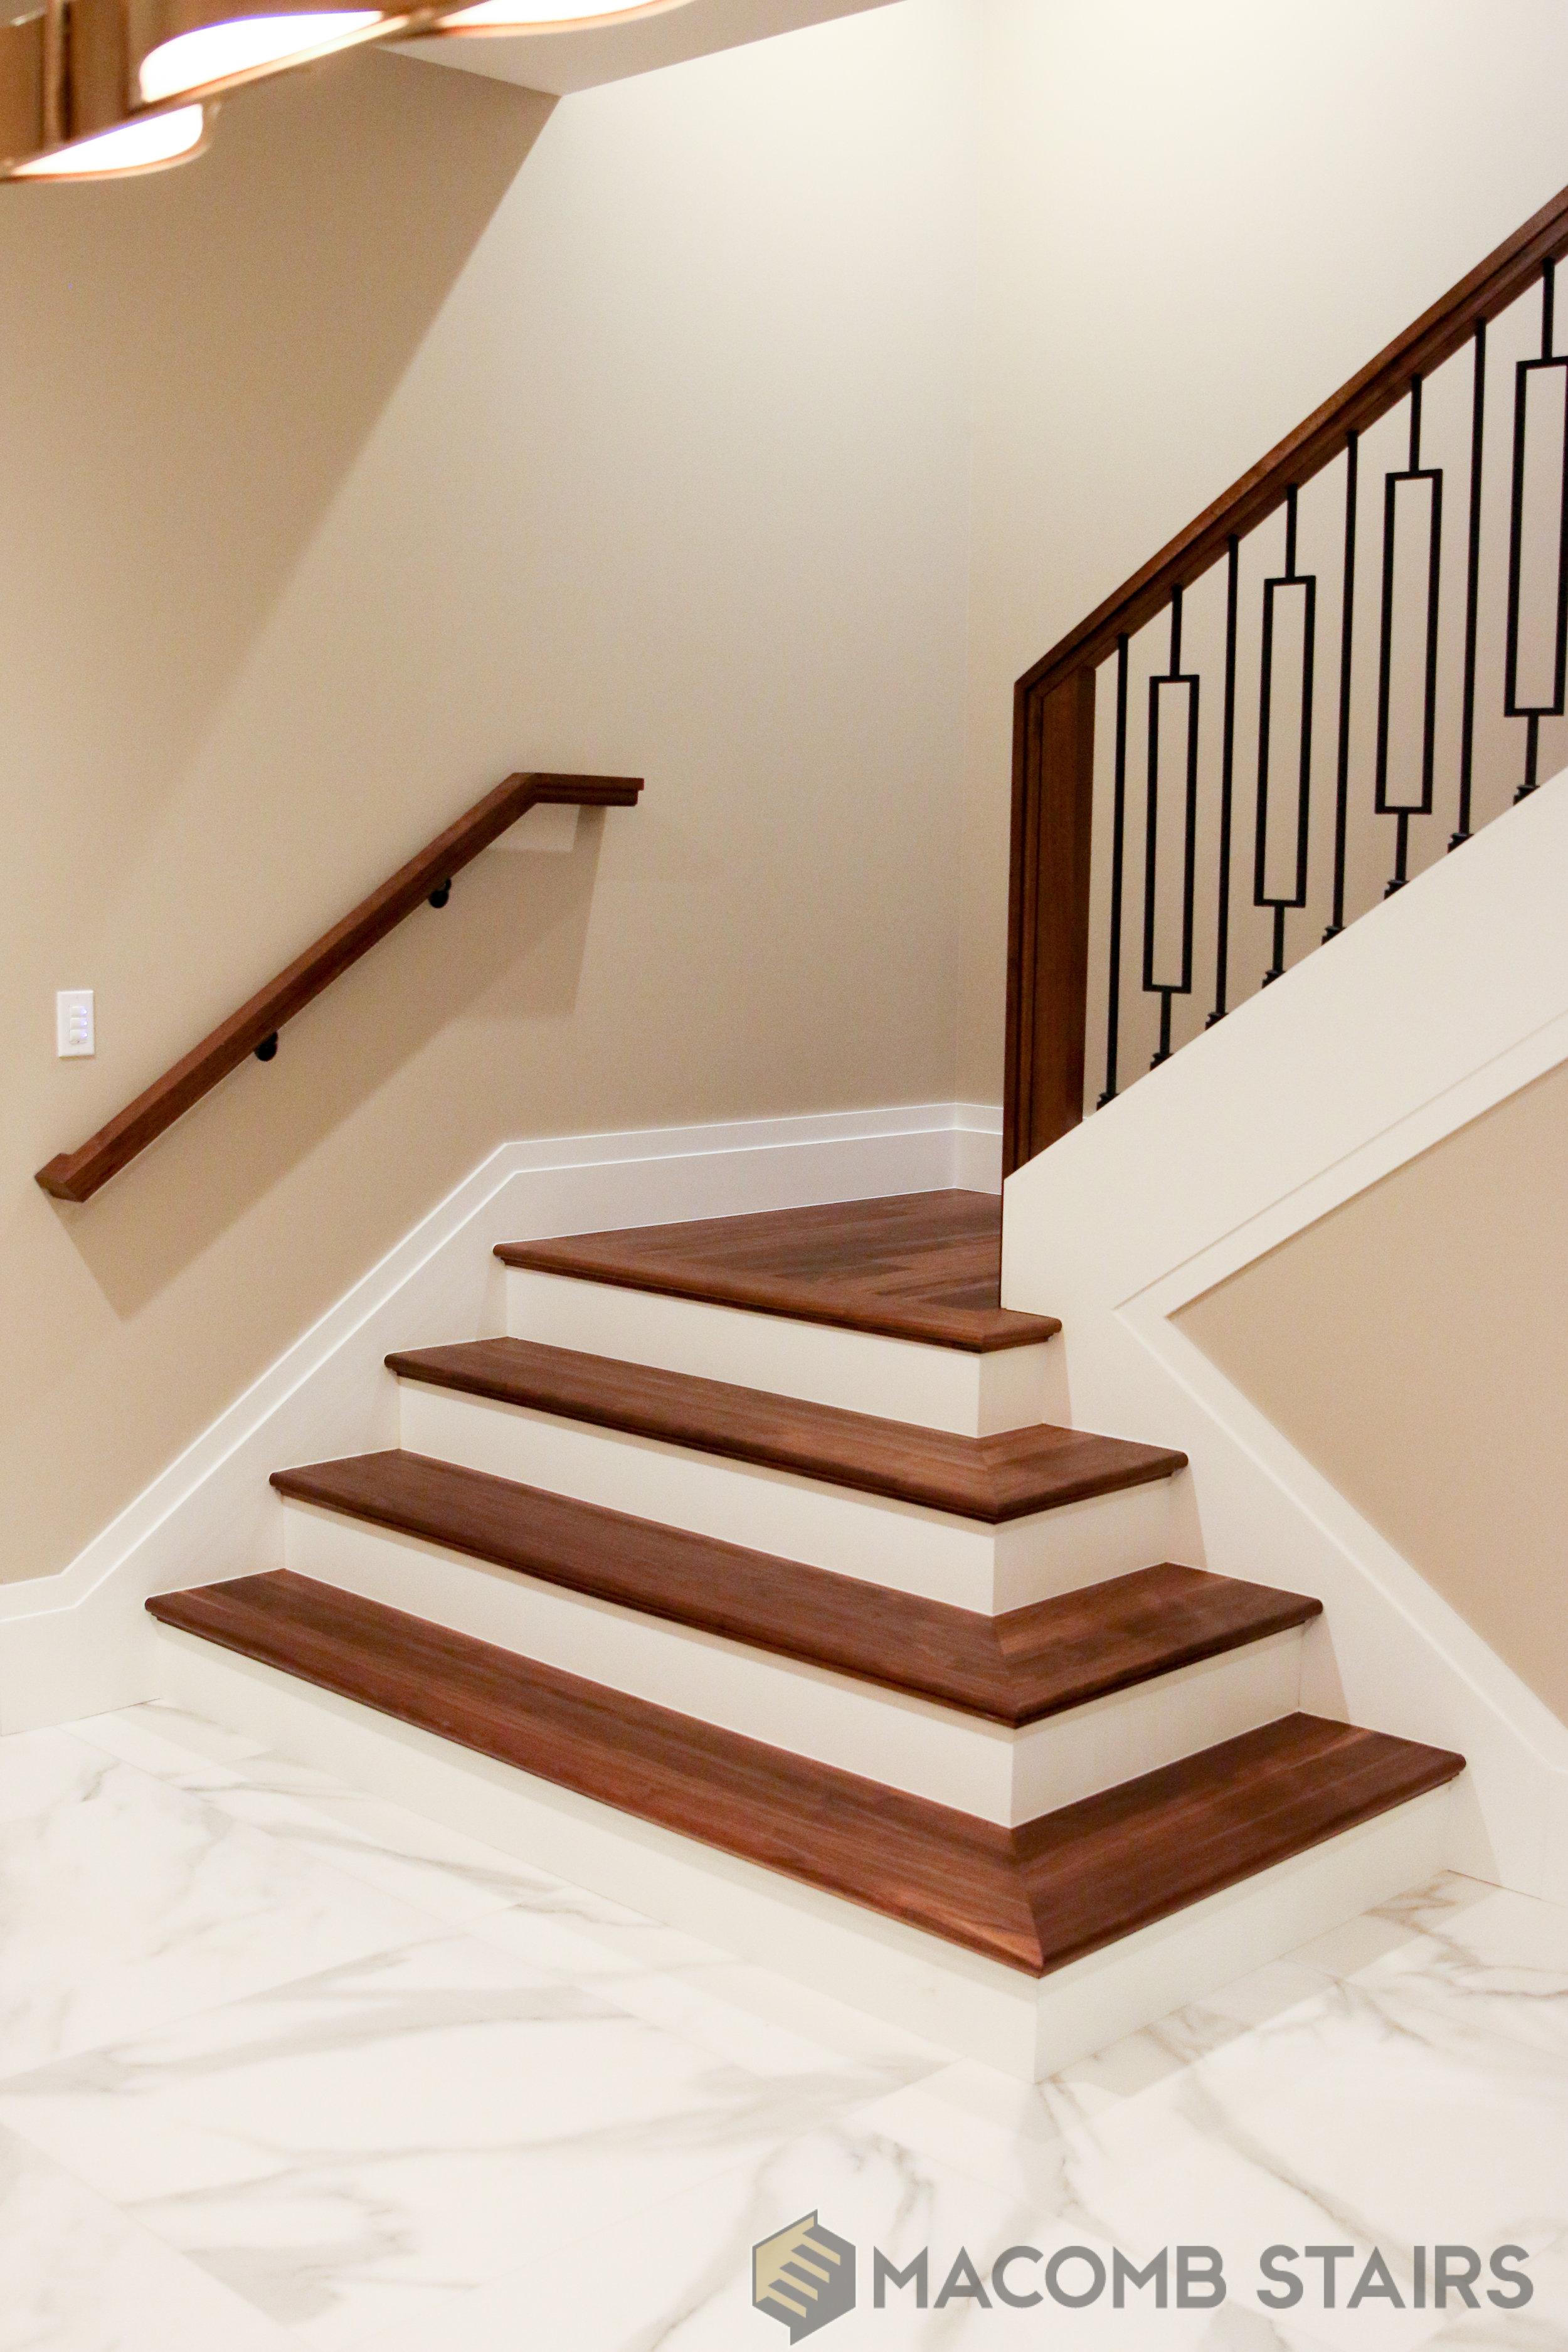 Macimb Stairs- Stair Photo-3.jpg